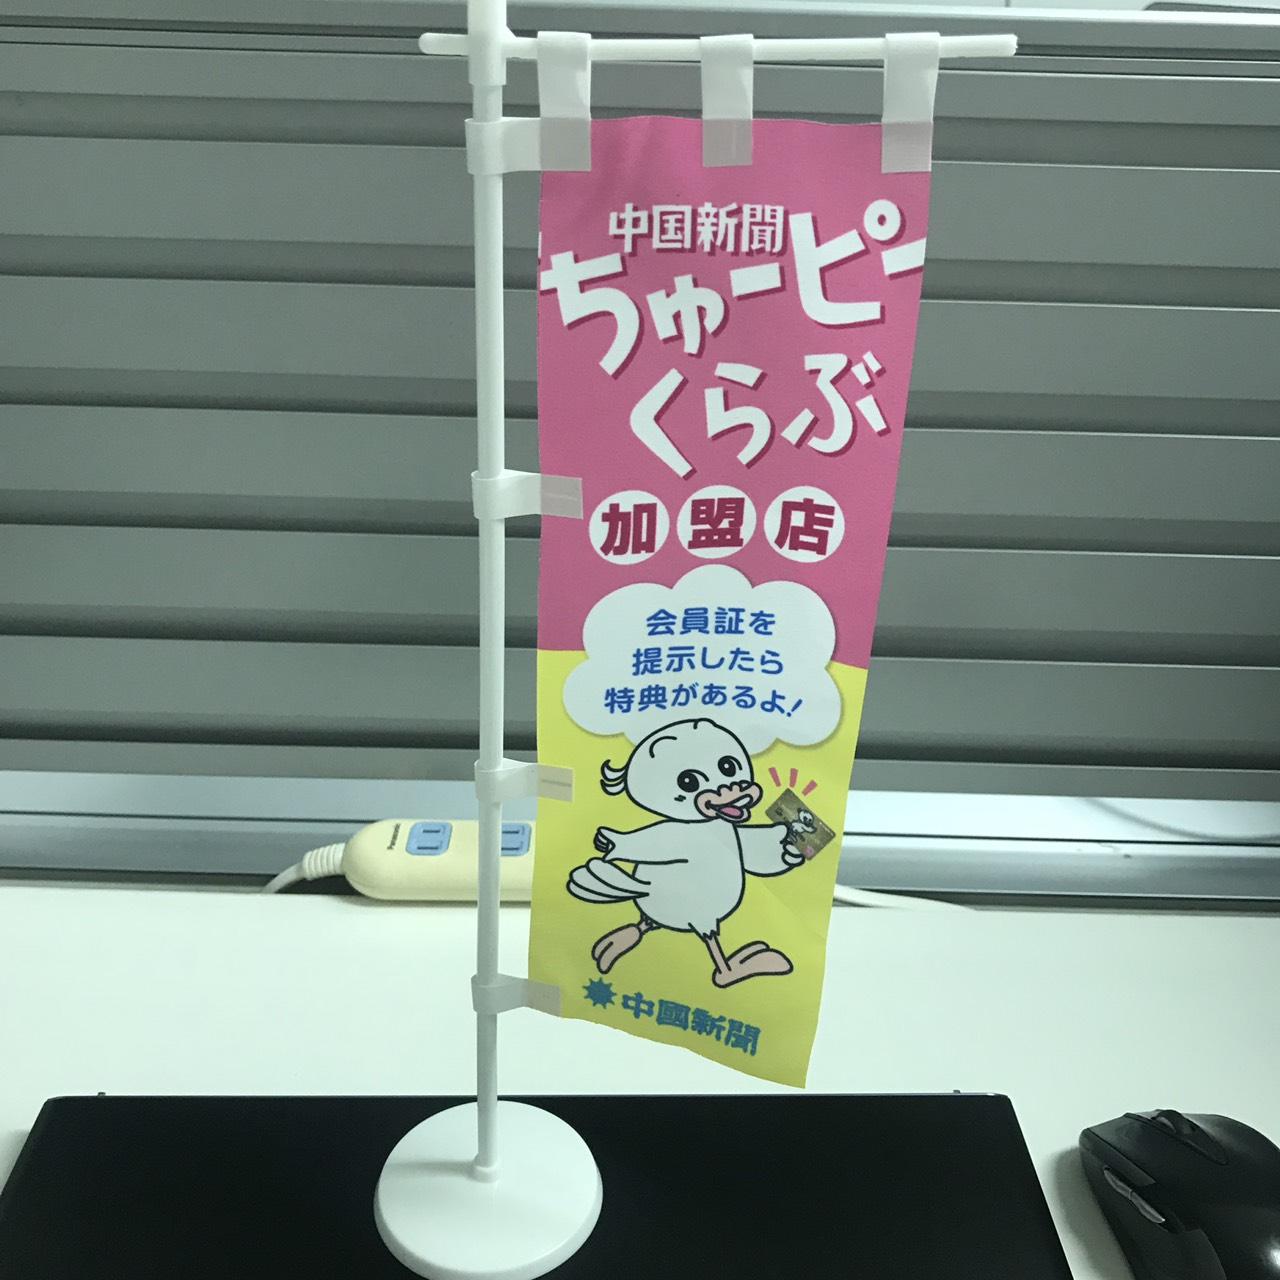 ちゅーピーくらぶ加盟店ご紹介キャンペーン